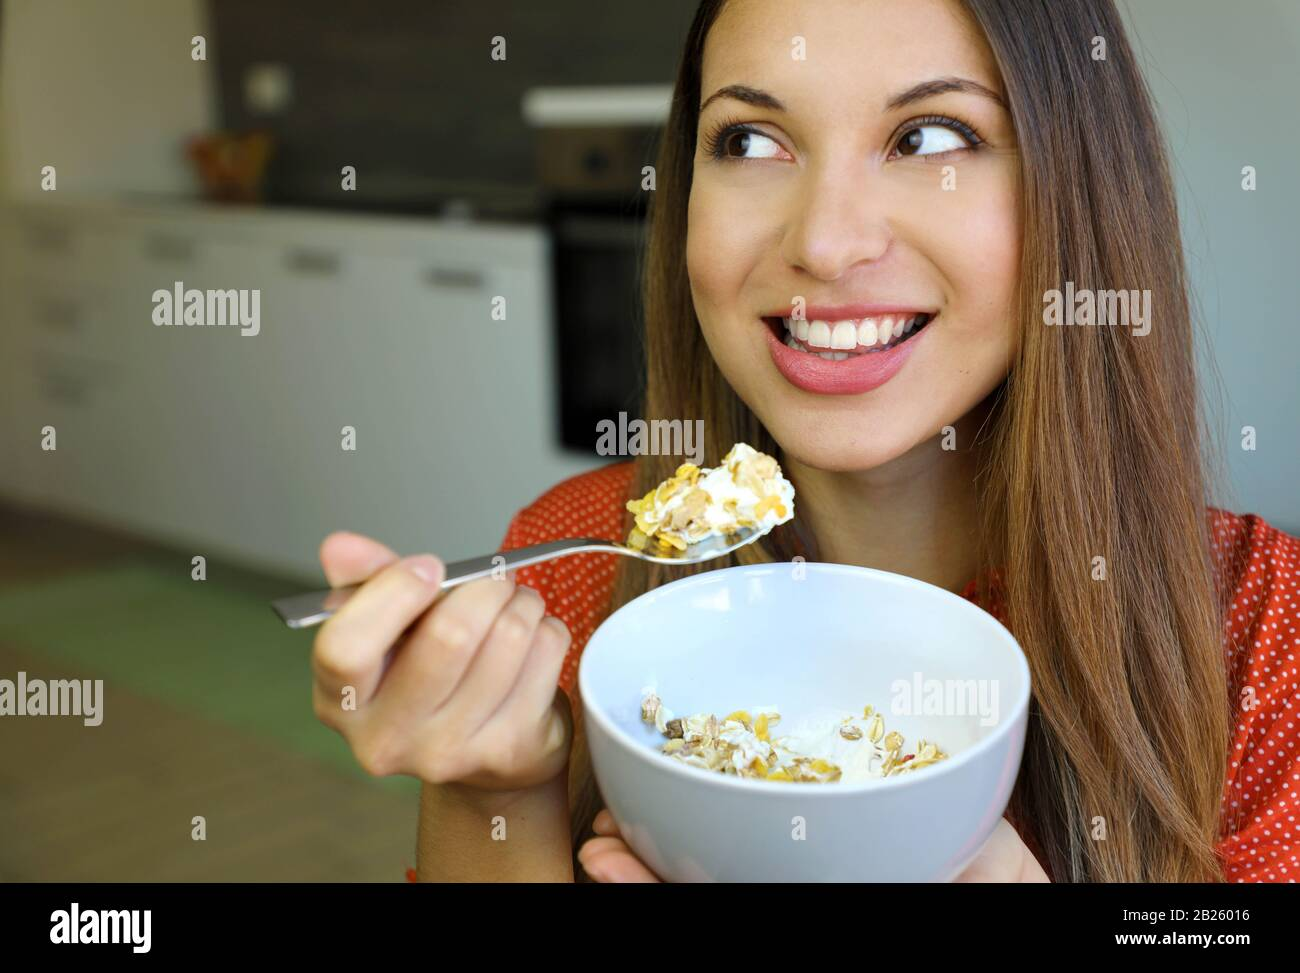 Gros plan sur la belle jeune femme mangeant des yaourts skyr avec des céréales muesli fruits à la maison, regardant sur le côté, se concentrer sur les yeux modèles, image intérieure. H Banque D'Images